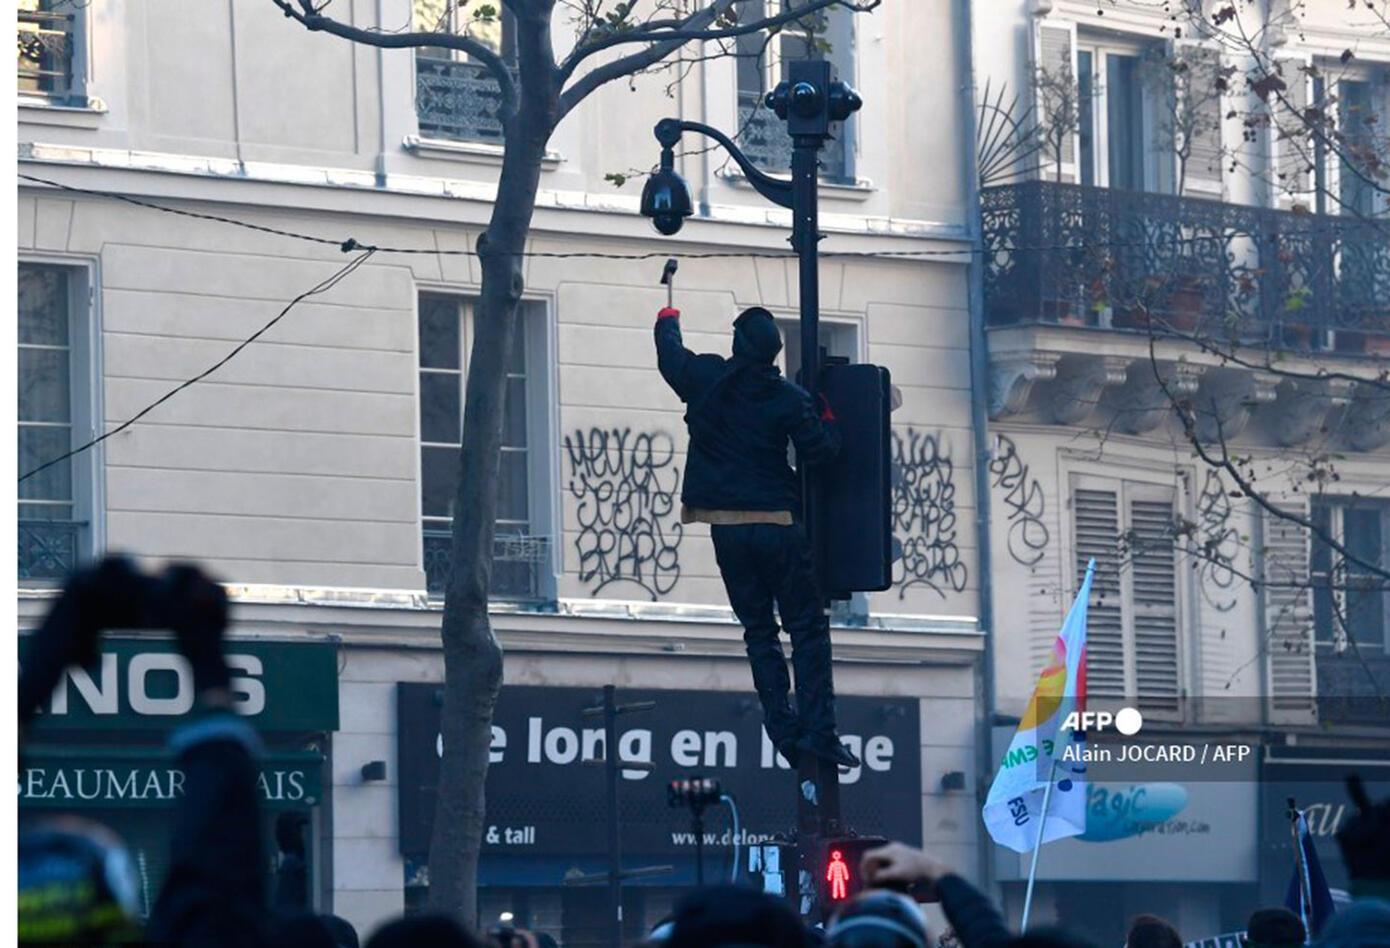 Ley de seguridad, motivo de choques entre manifestantes y policías en Francia